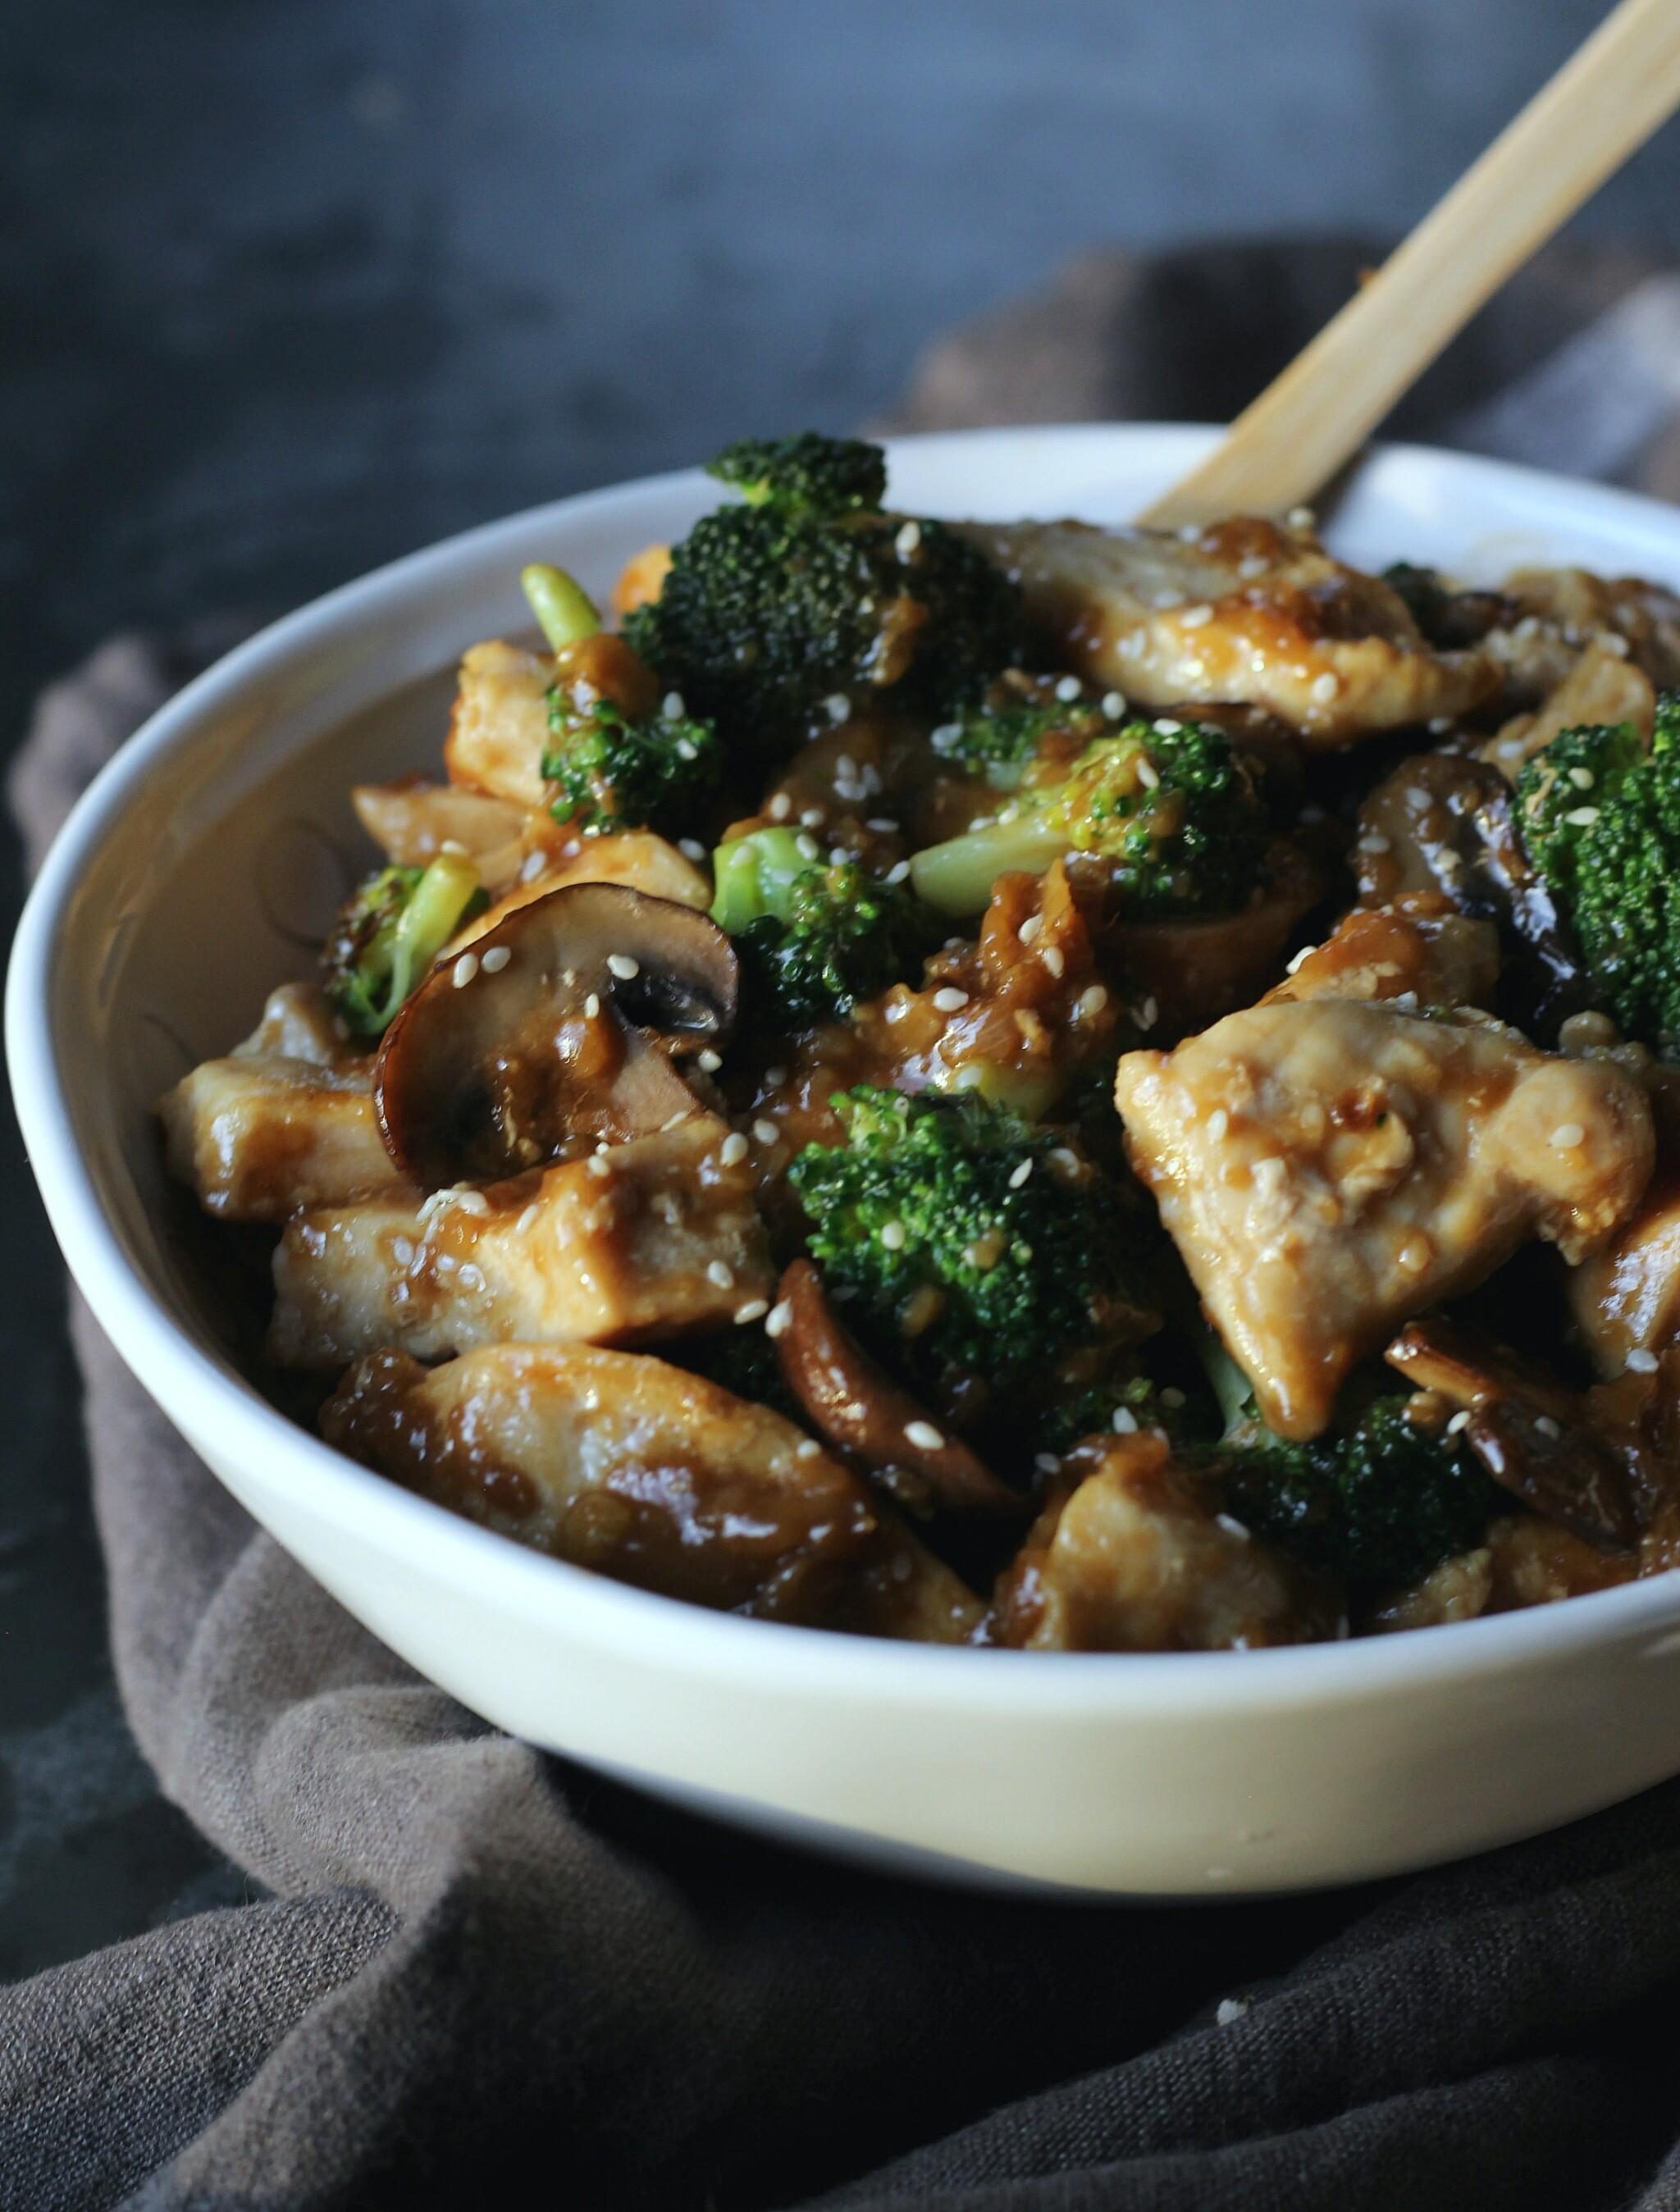 Easy Homemade Chicken Broccoli Stir Fry | gardeninthekitchen.com